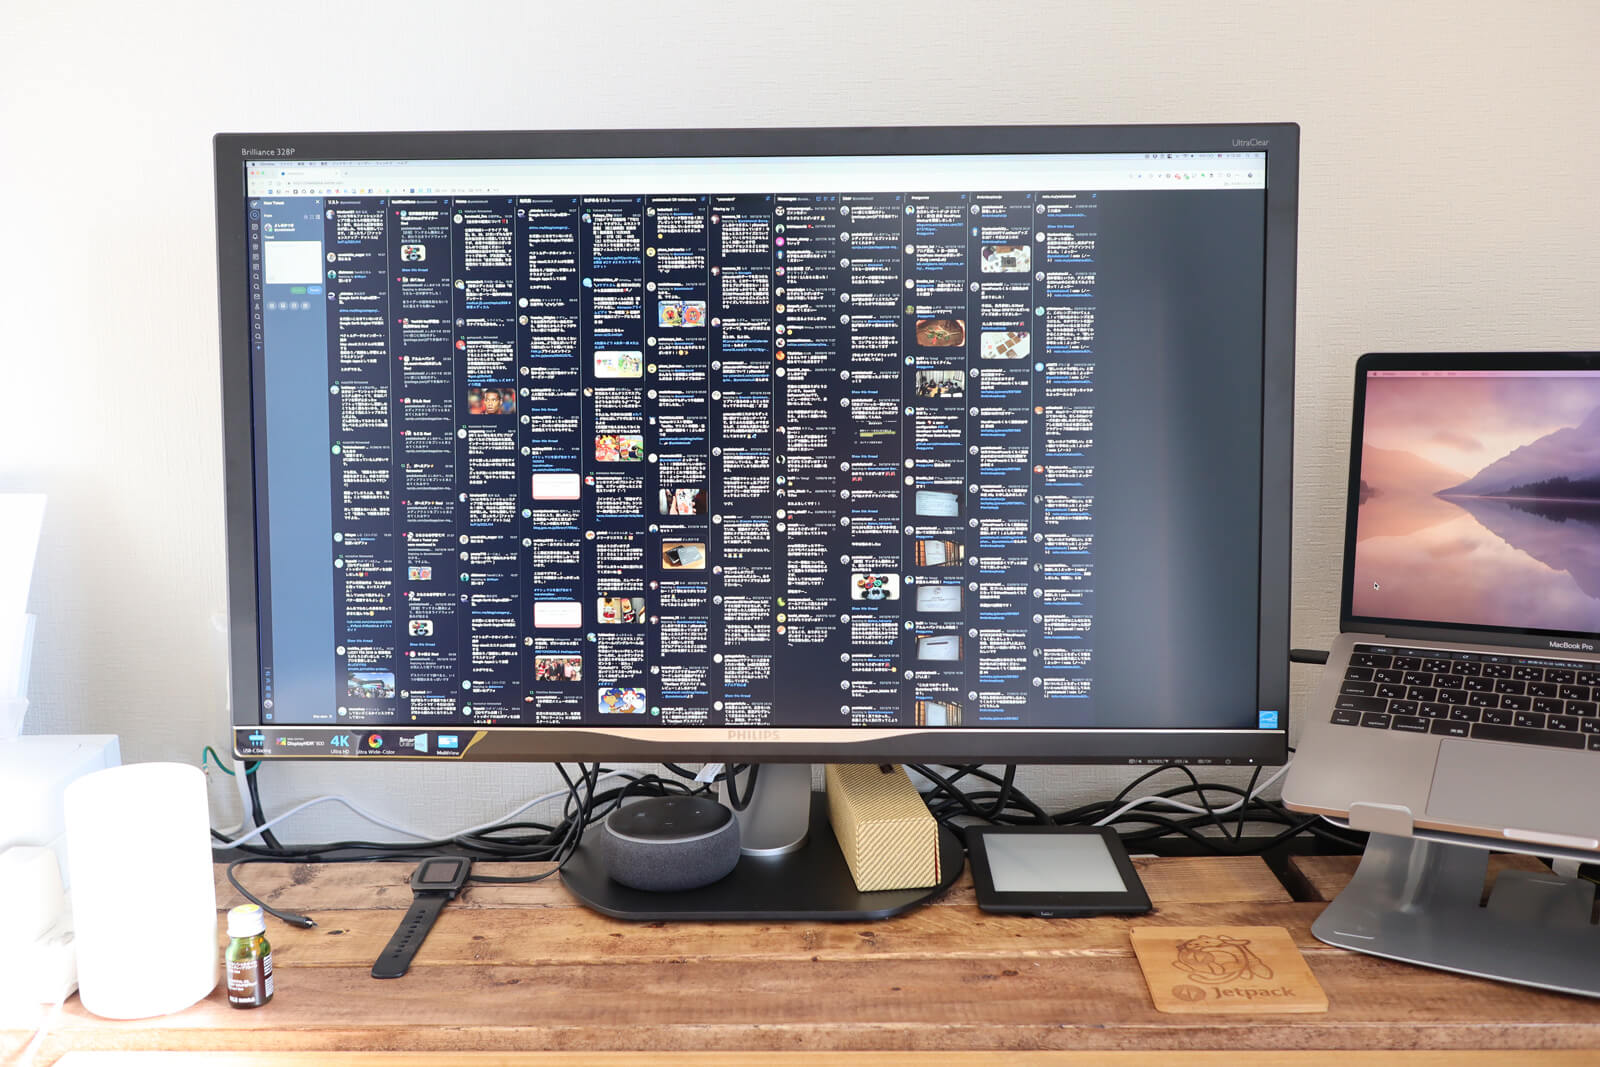 PHILIPSの328P6VUBREB/11にフル画面でウィンドウを配置する